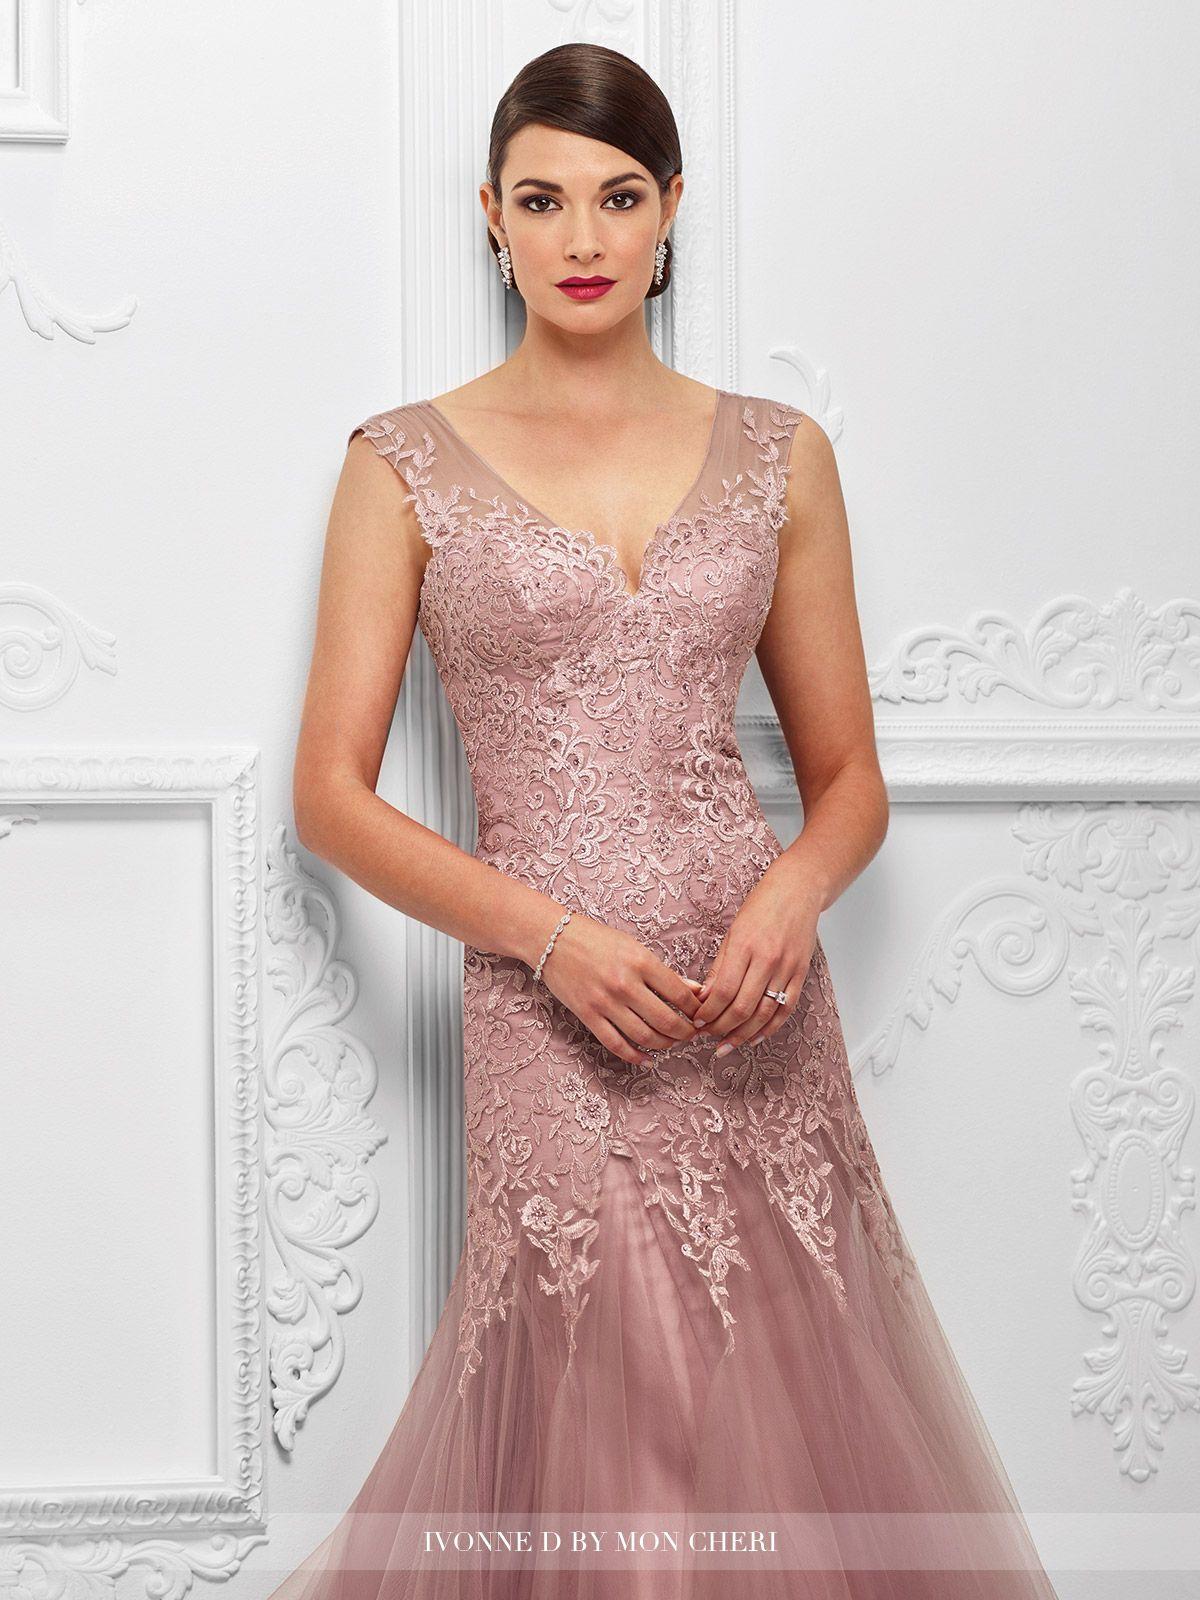 Ivonne D - Evening Dresses - 117D65 | Vestido bordado, Vestidos de ...